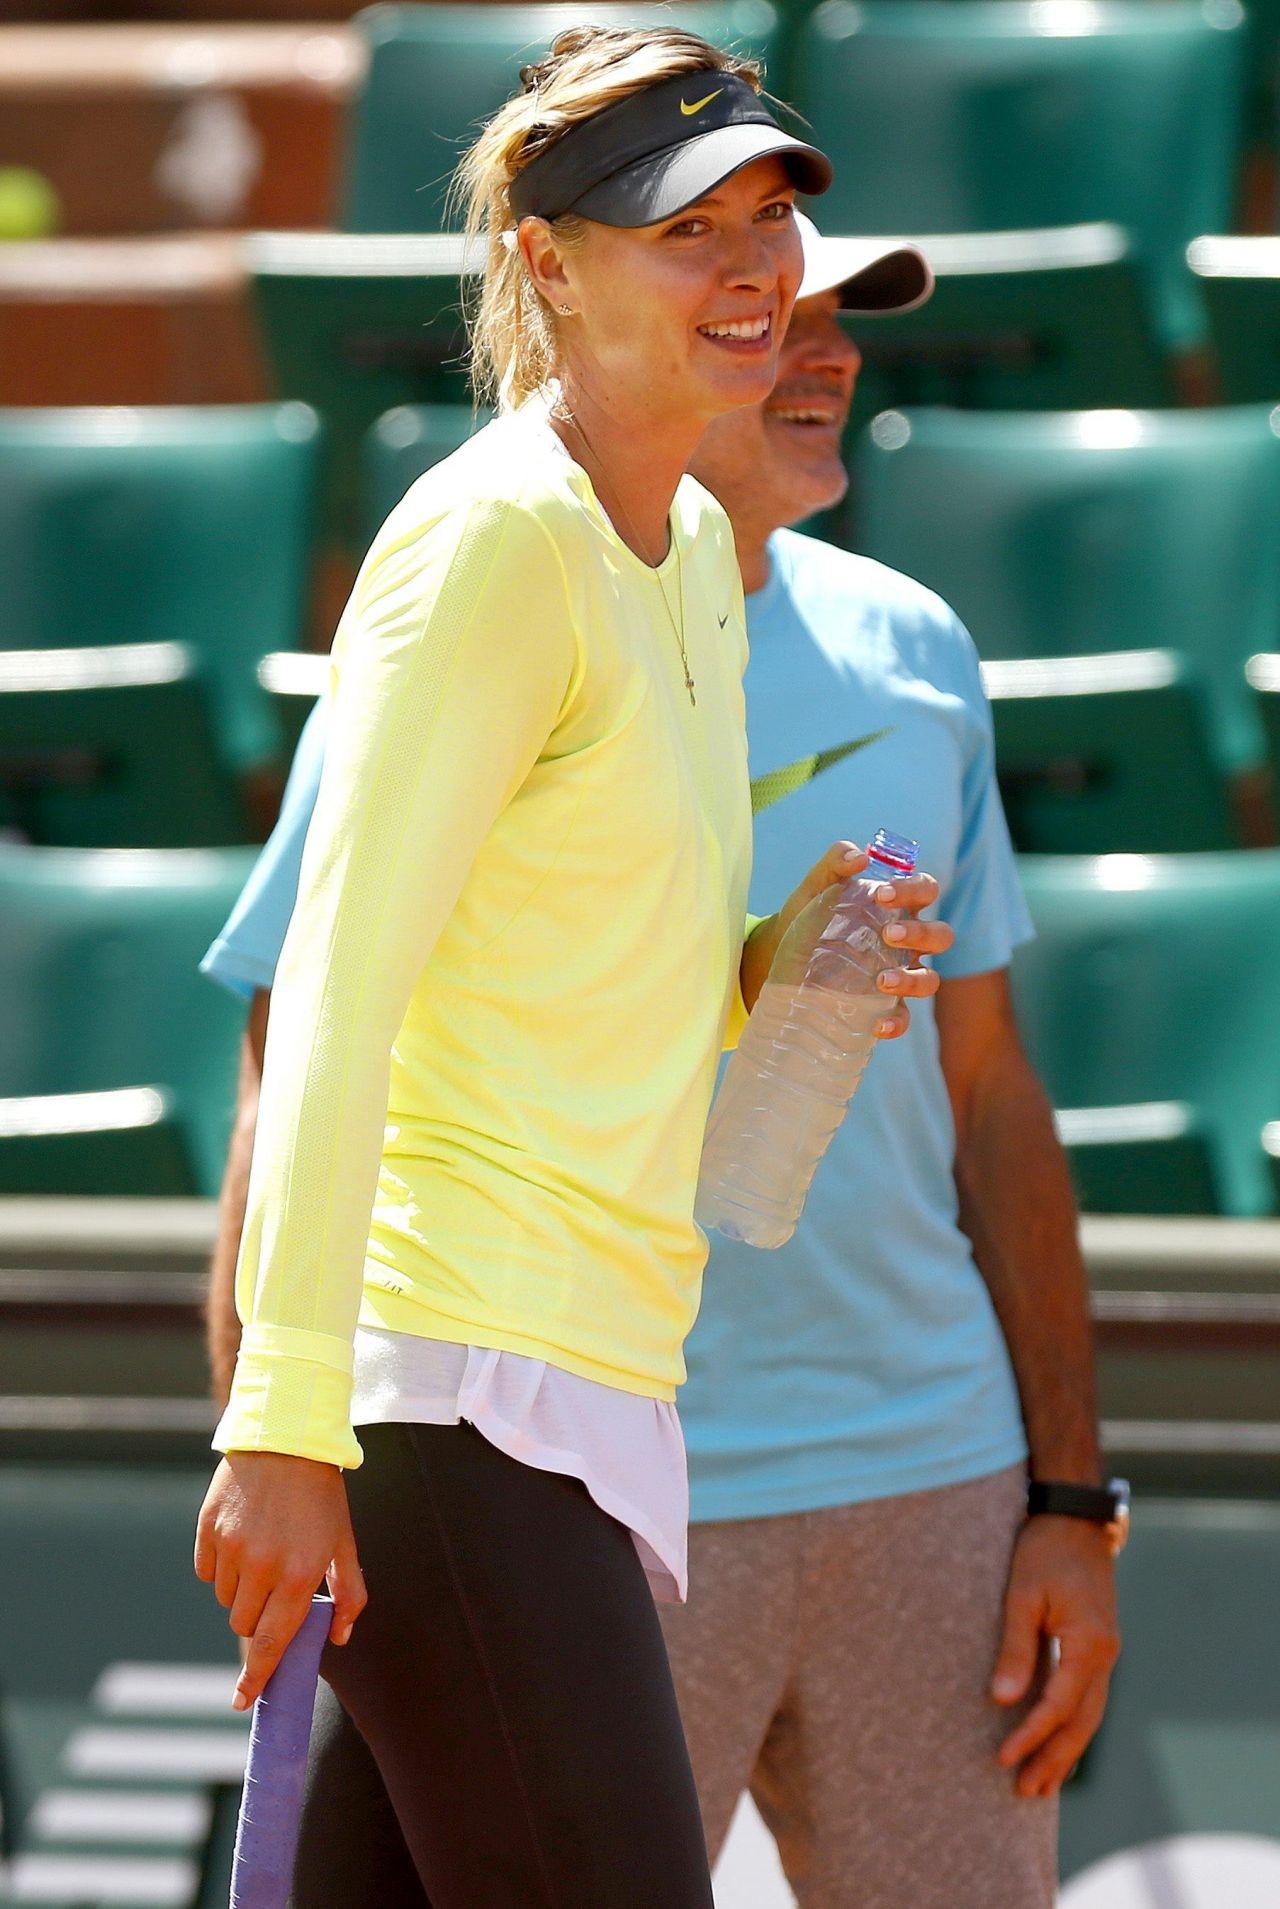 Maria Sharapova Training for 2014 French Open